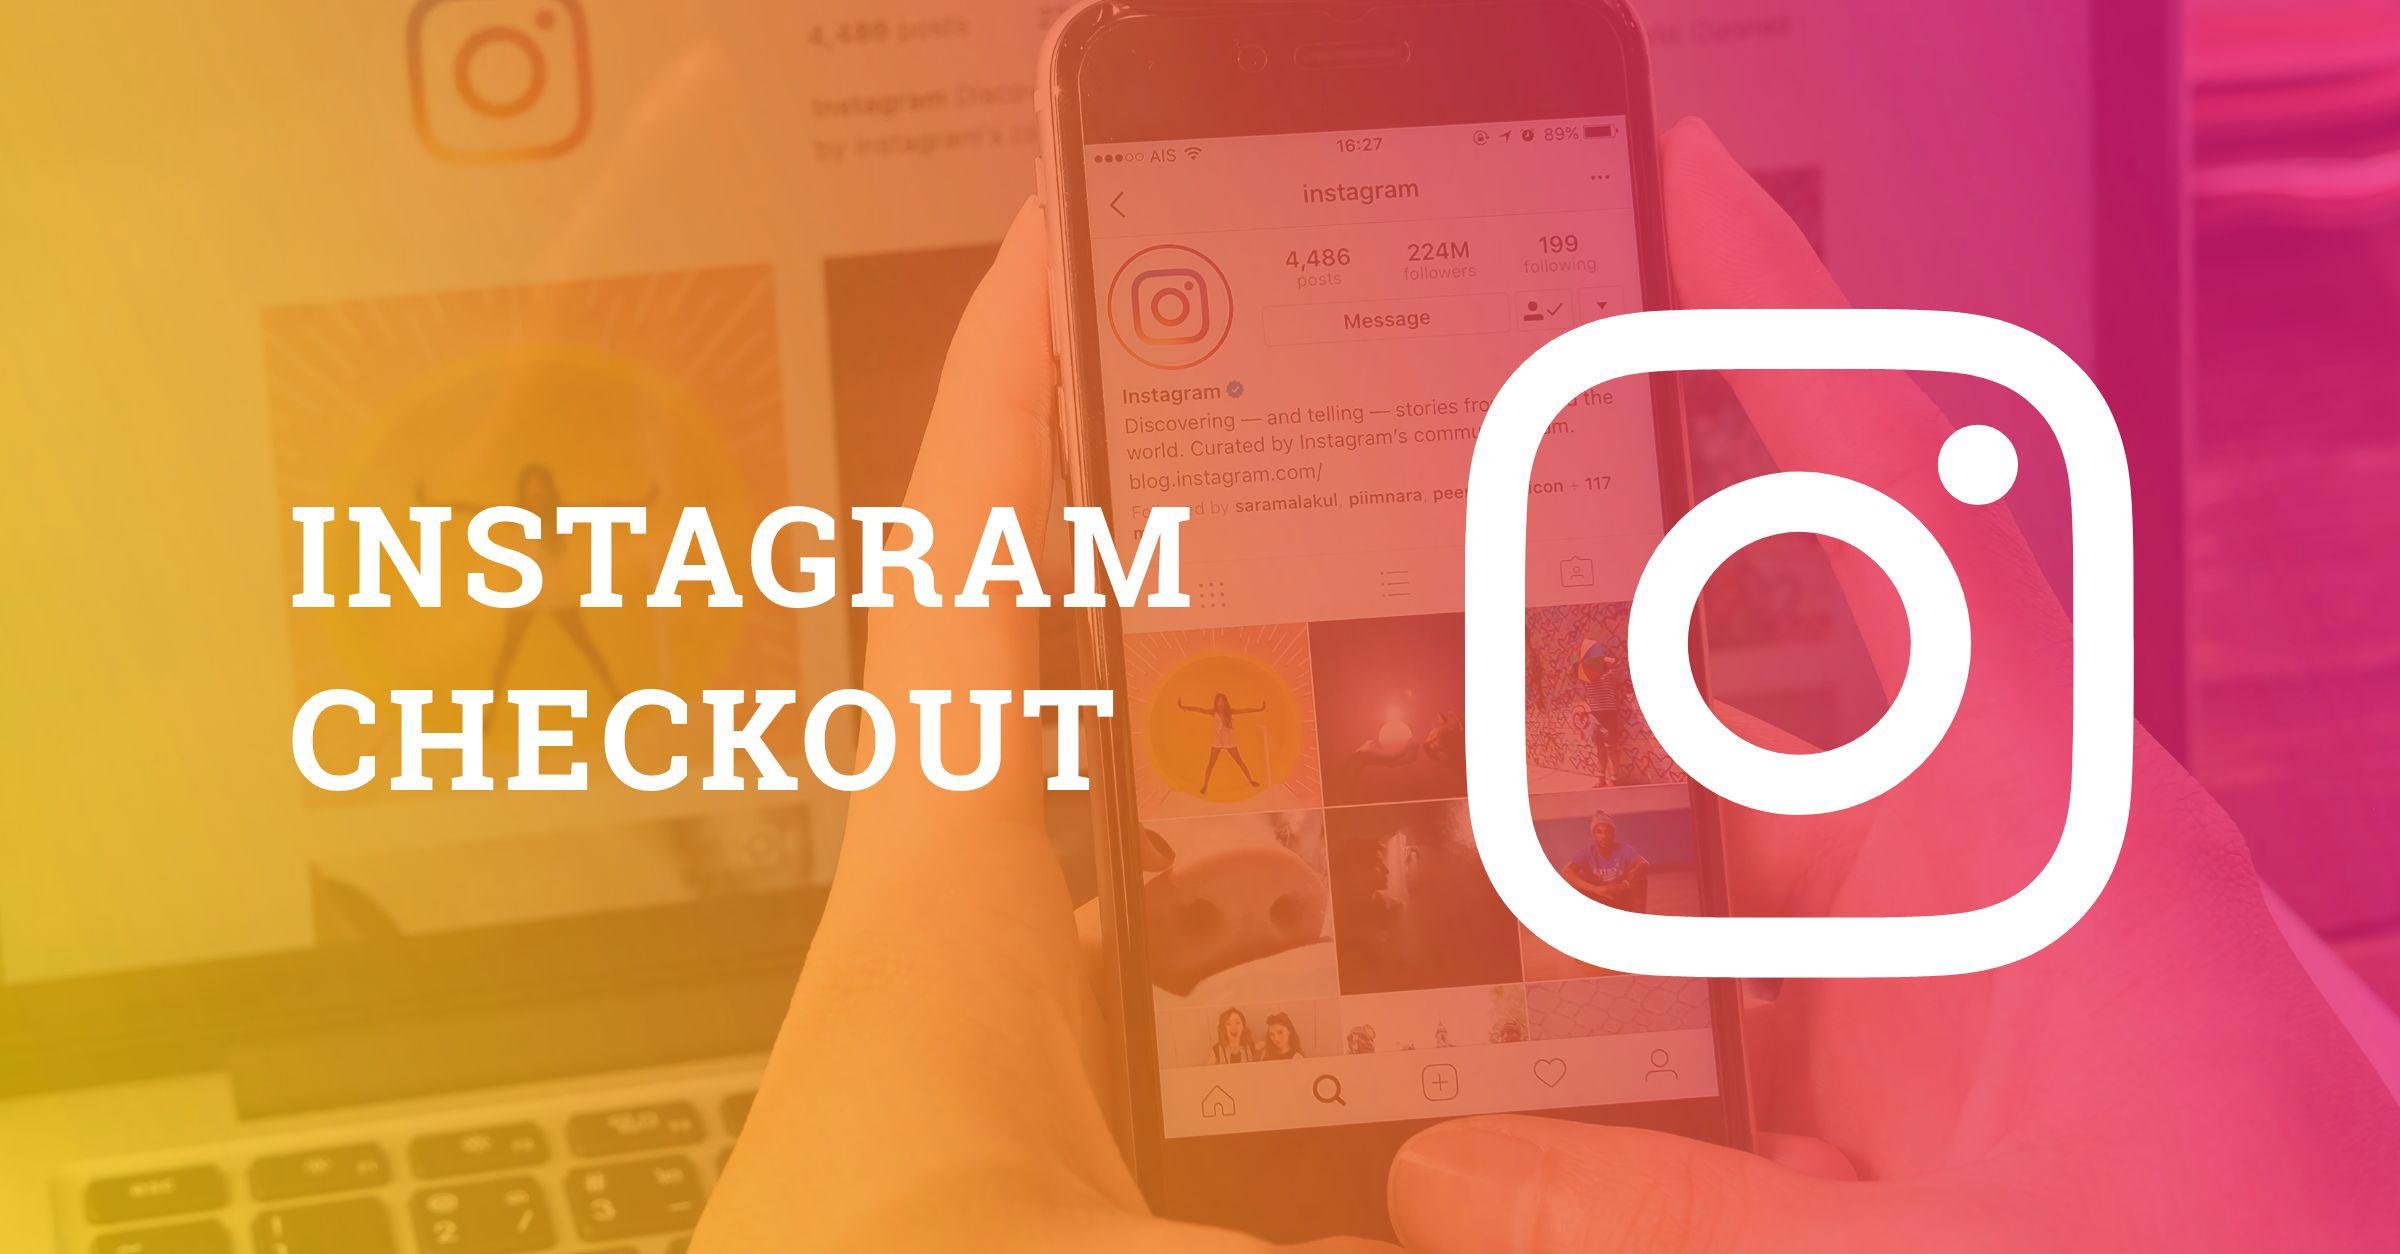 Instagram turundus